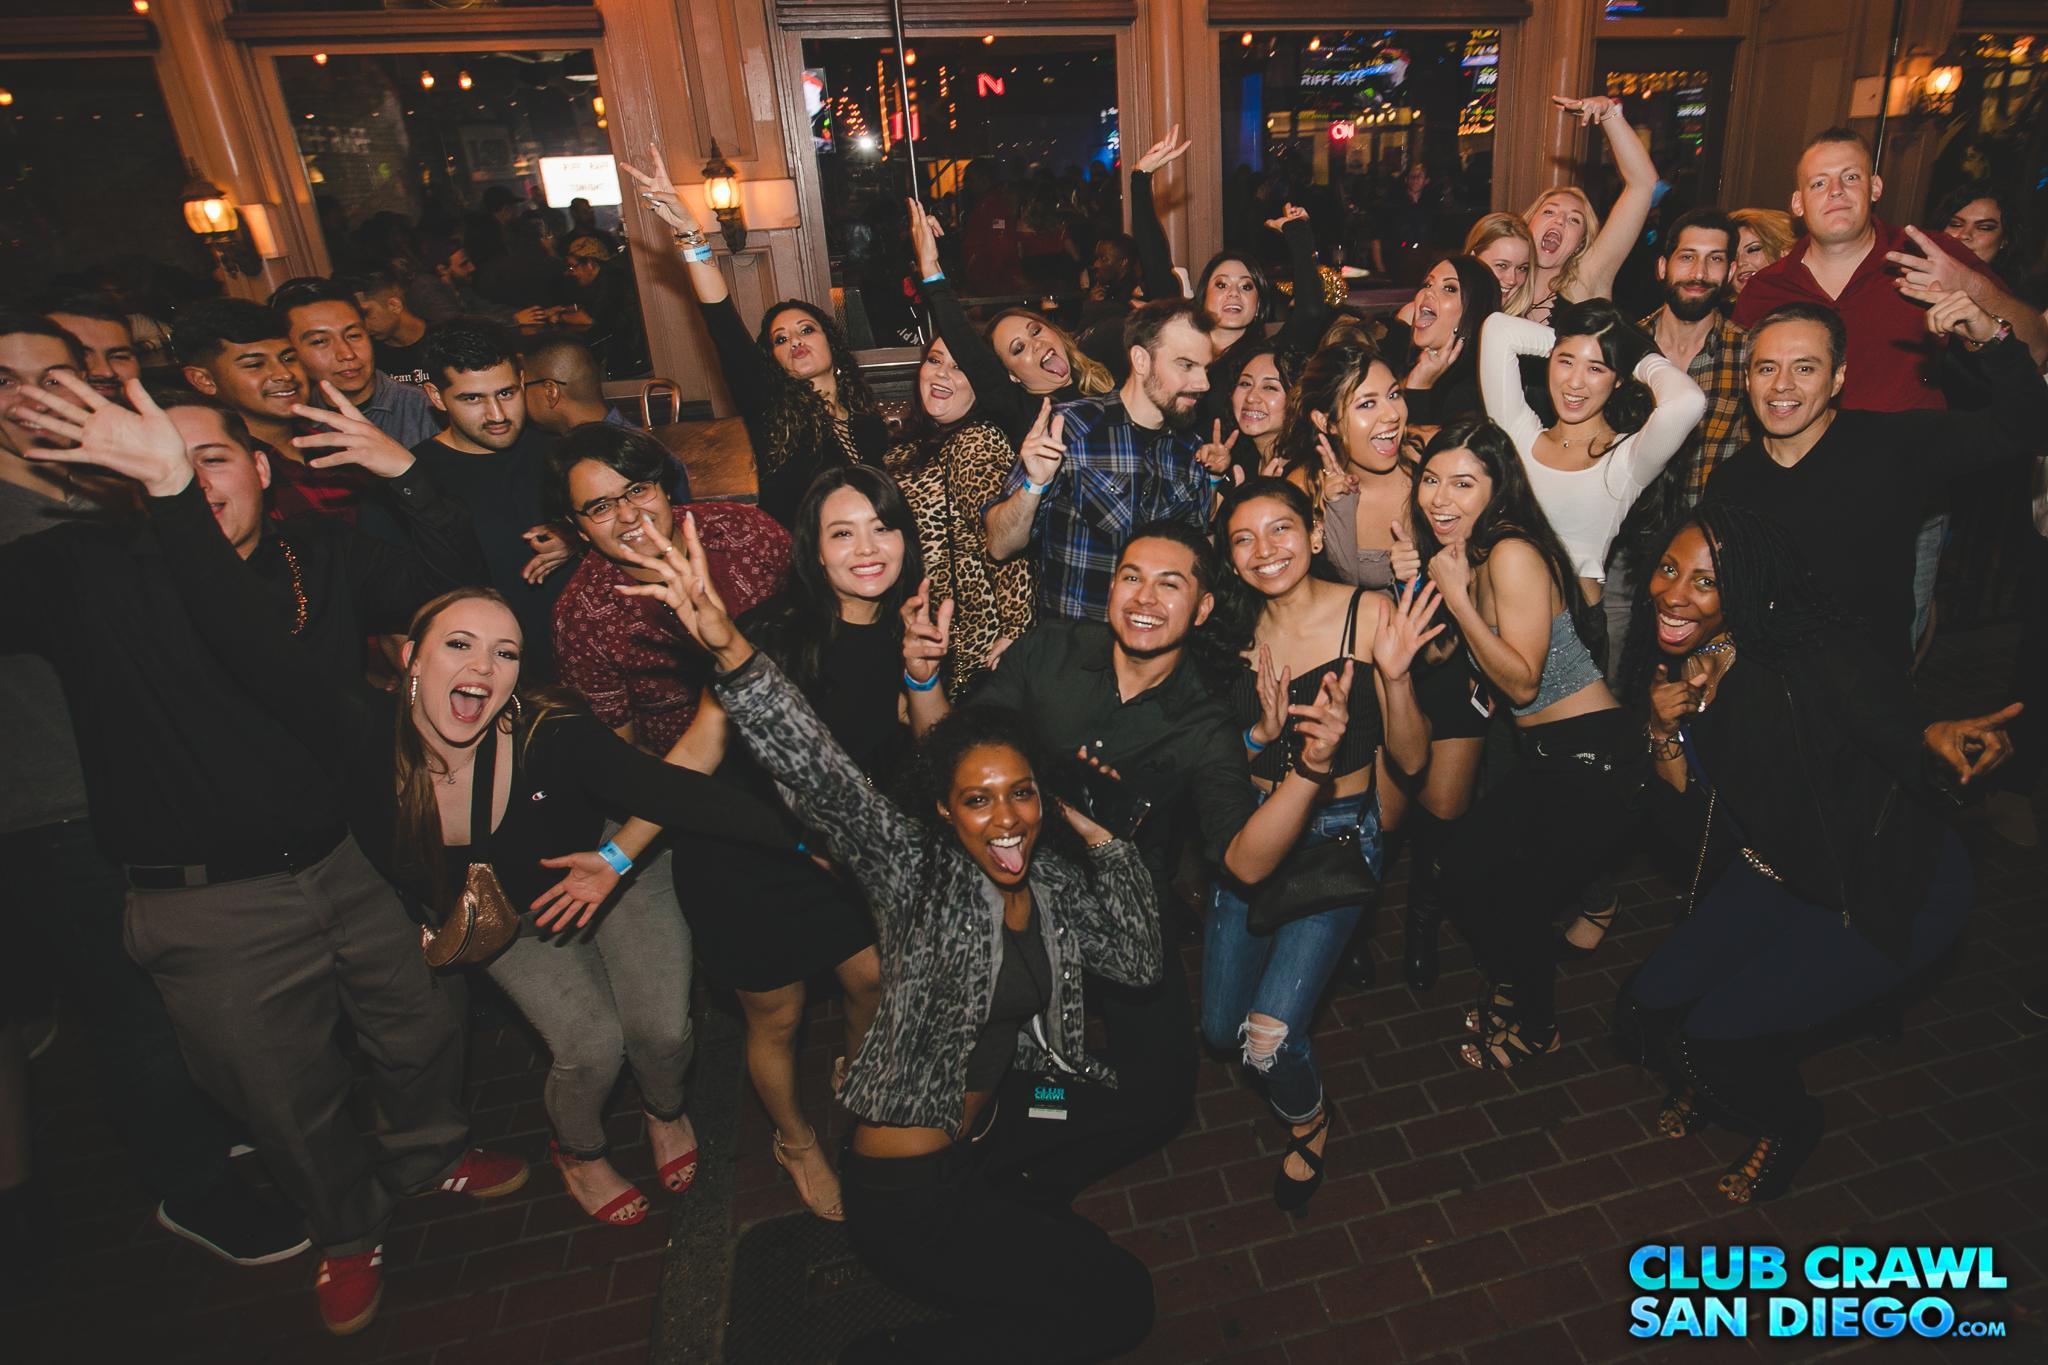 San Diego Club Crawl - Guided Bar and Nightclub Crawl